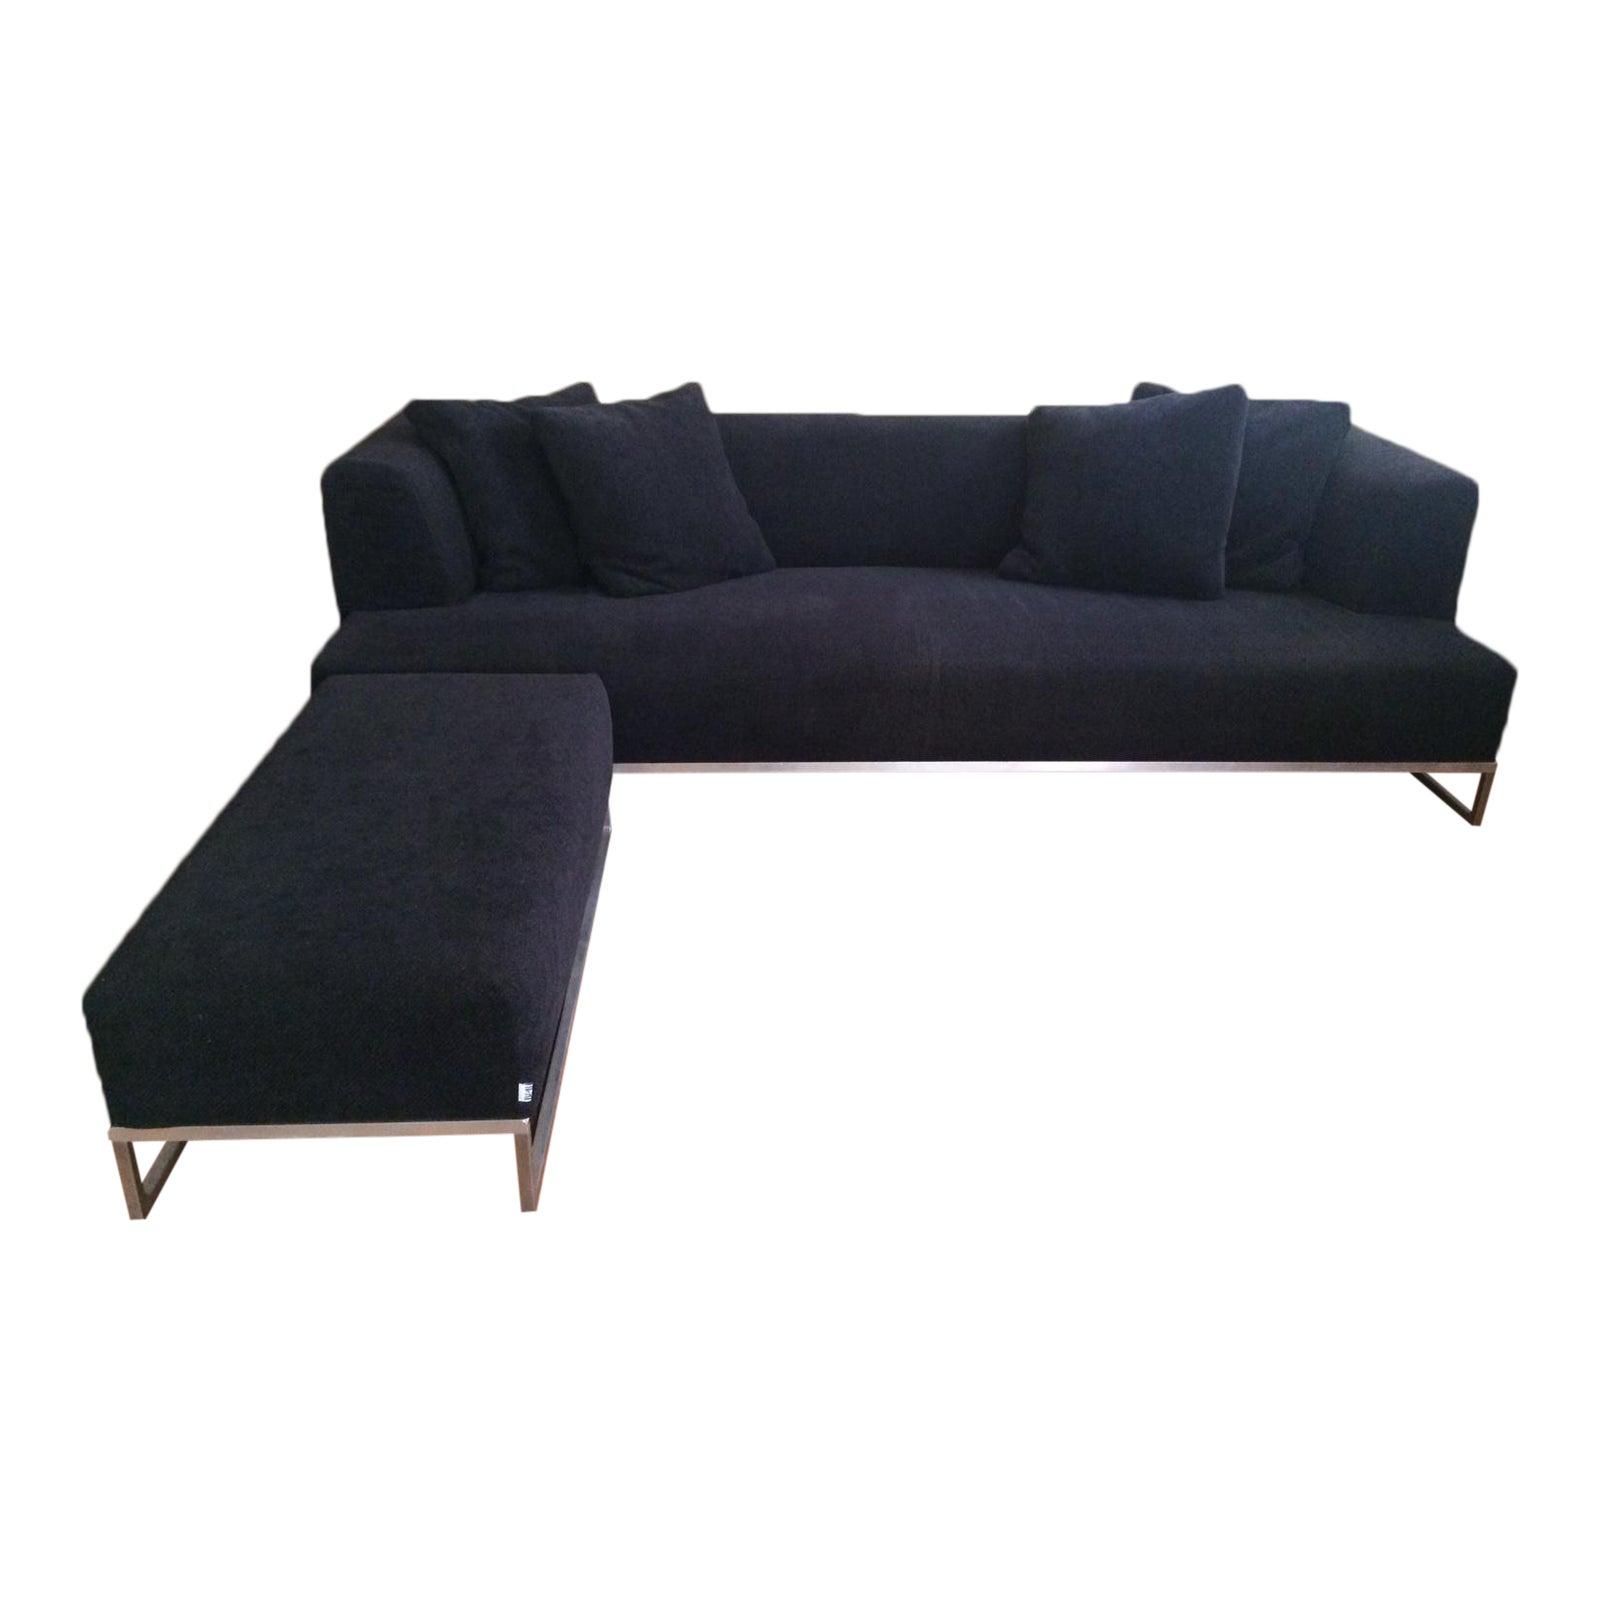 B&B Italia Max Alto Solo Sofa With Ottoman By Antonio